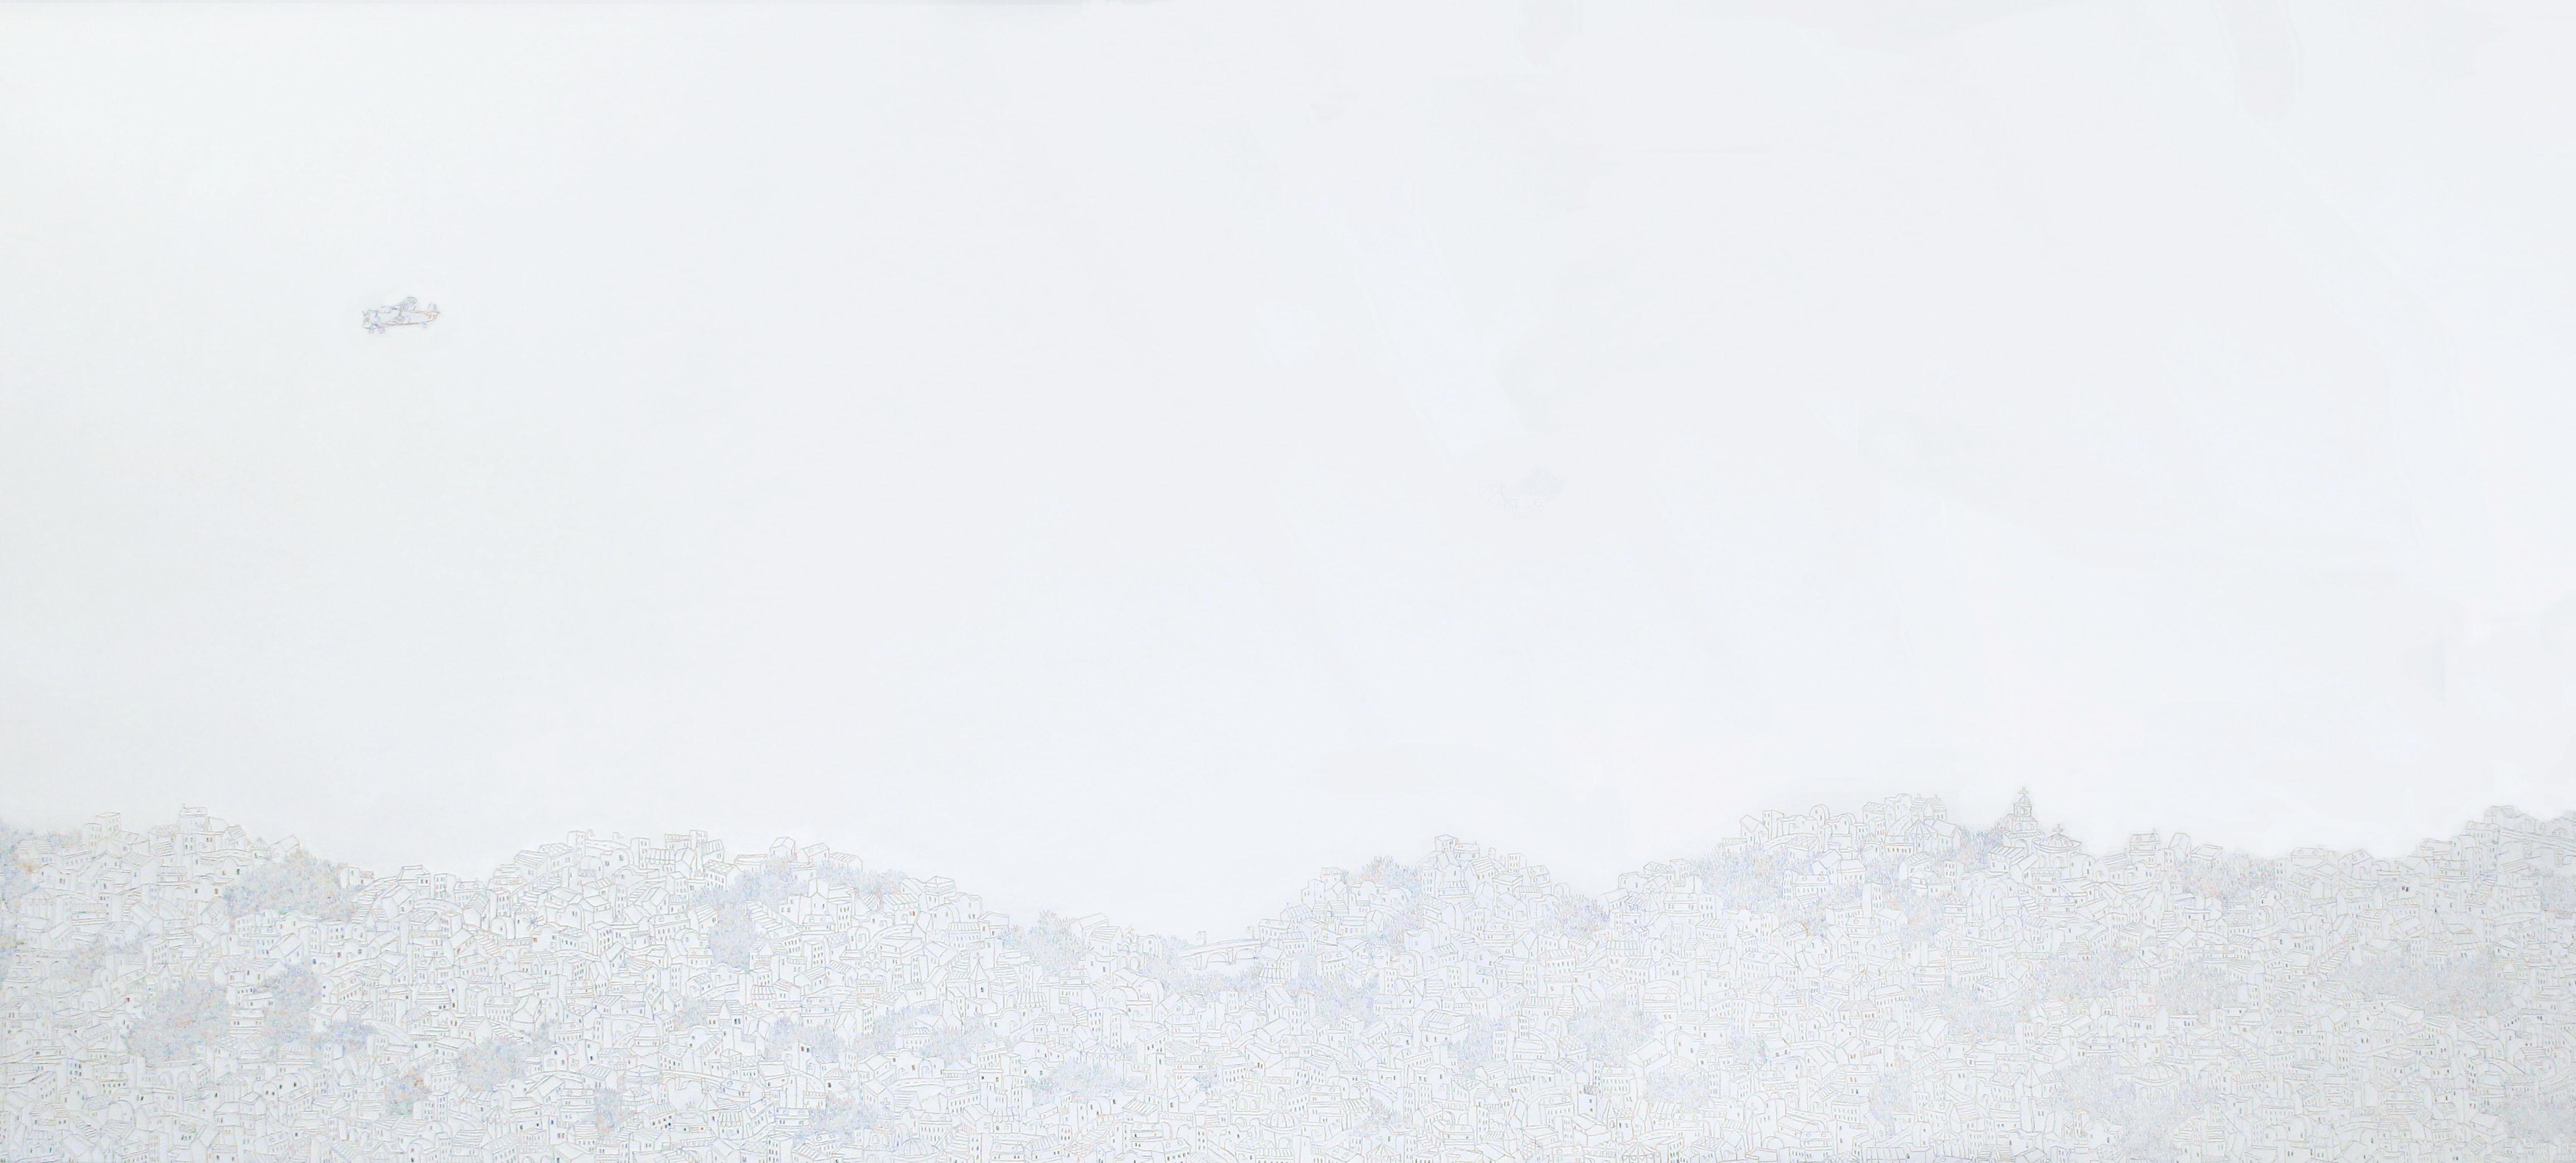 박노을, Fictional World 180-1